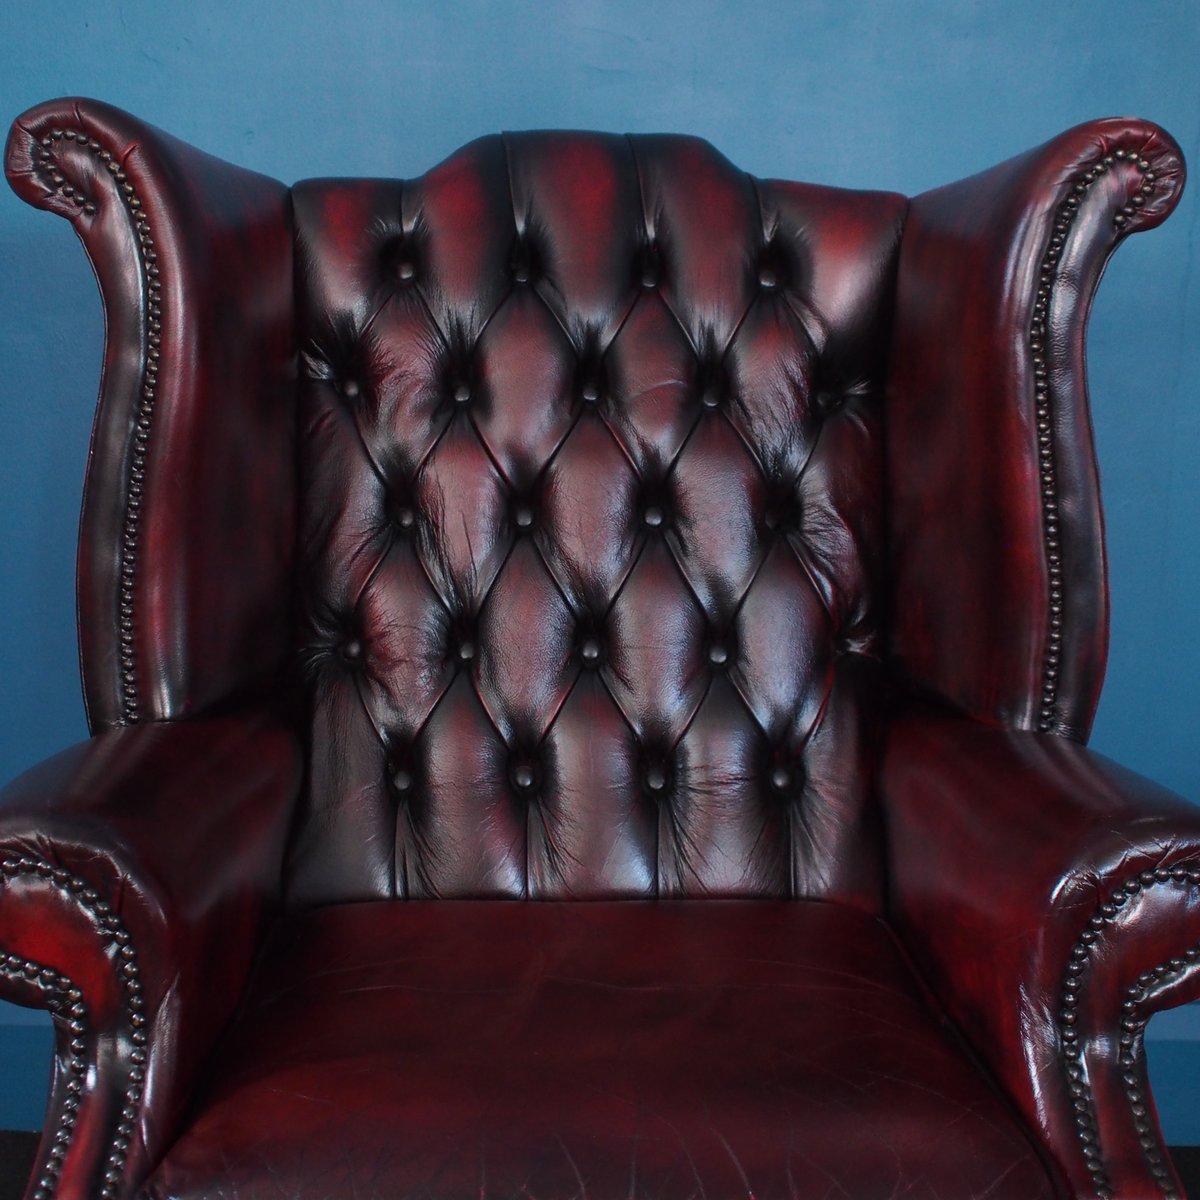 fauteuil chesterfield oreilles vintage en cuir lie de vin angleterre 1980s en vente sur pamono. Black Bedroom Furniture Sets. Home Design Ideas